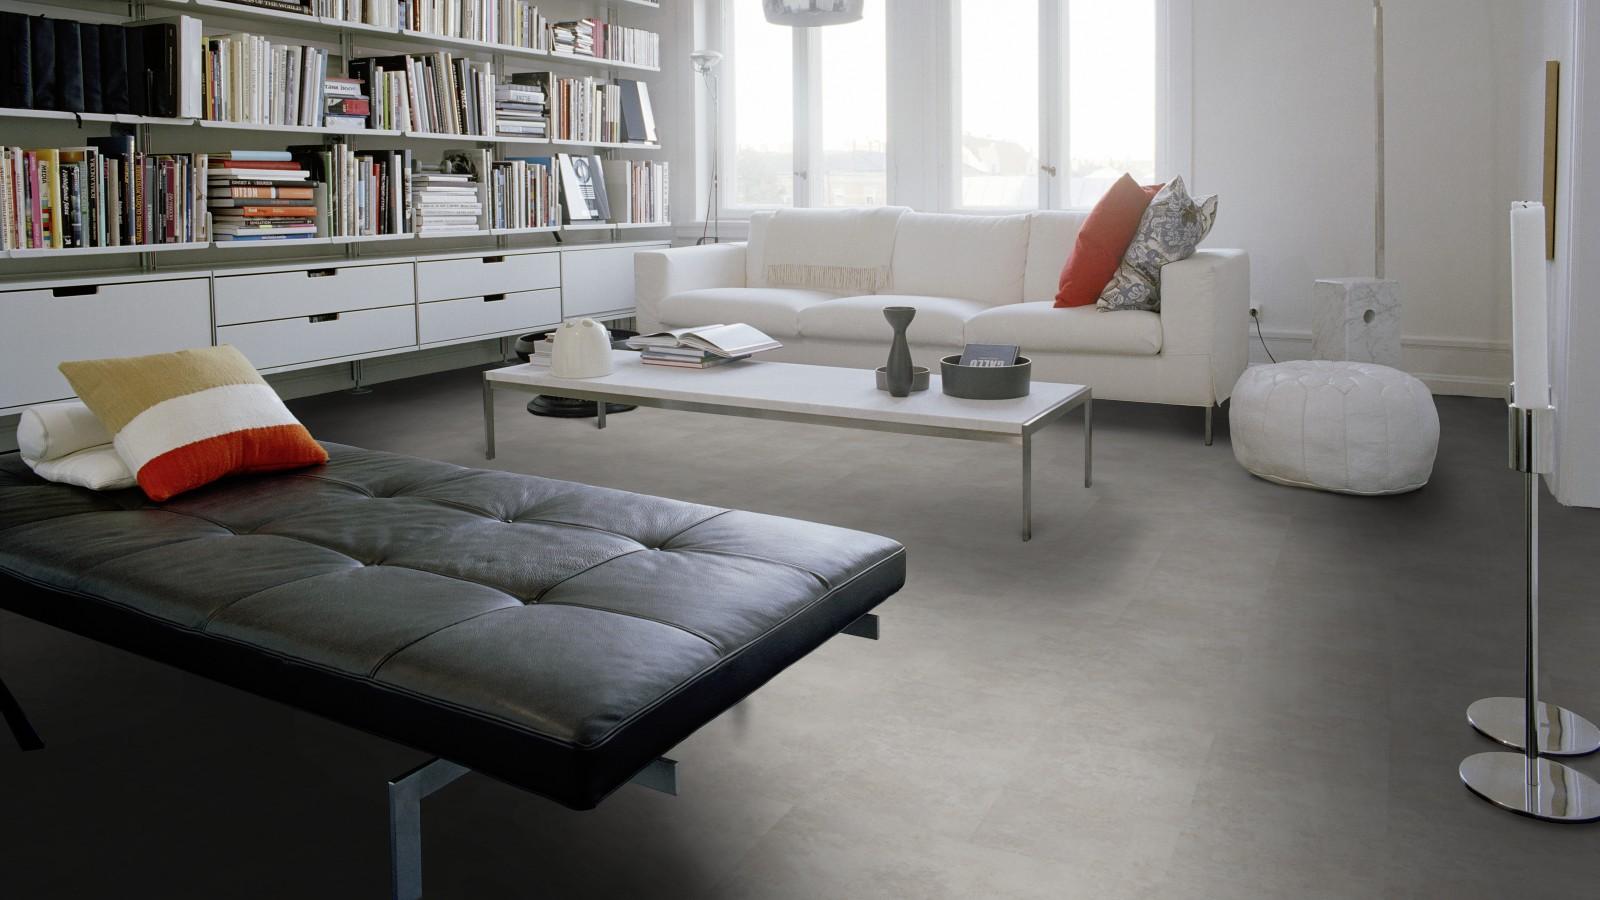 5910 objectflor expona domestic vinyl designbelag silver slate. Black Bedroom Furniture Sets. Home Design Ideas